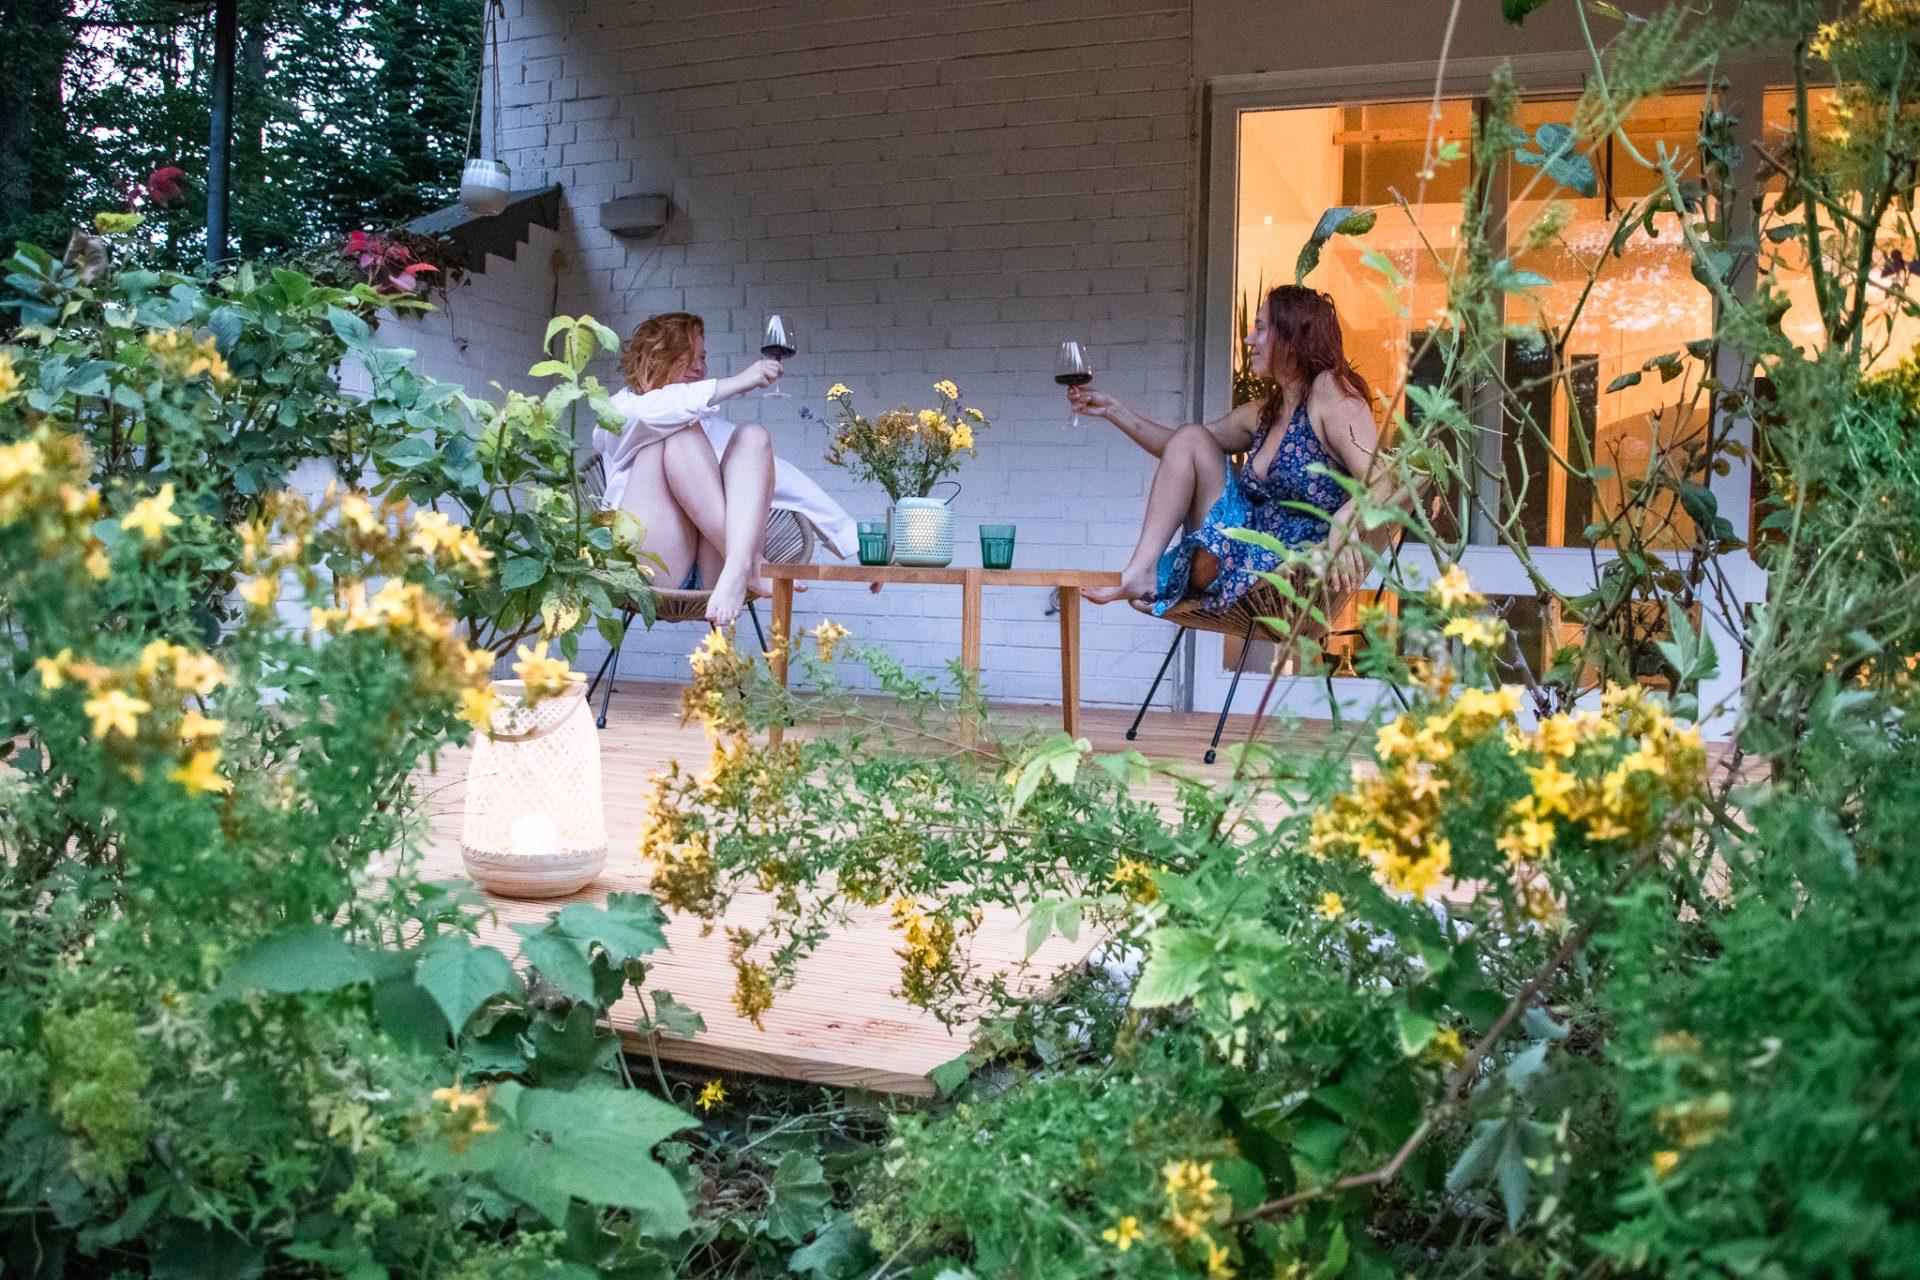 Ferienhaus-am-See-Terrasse-wein